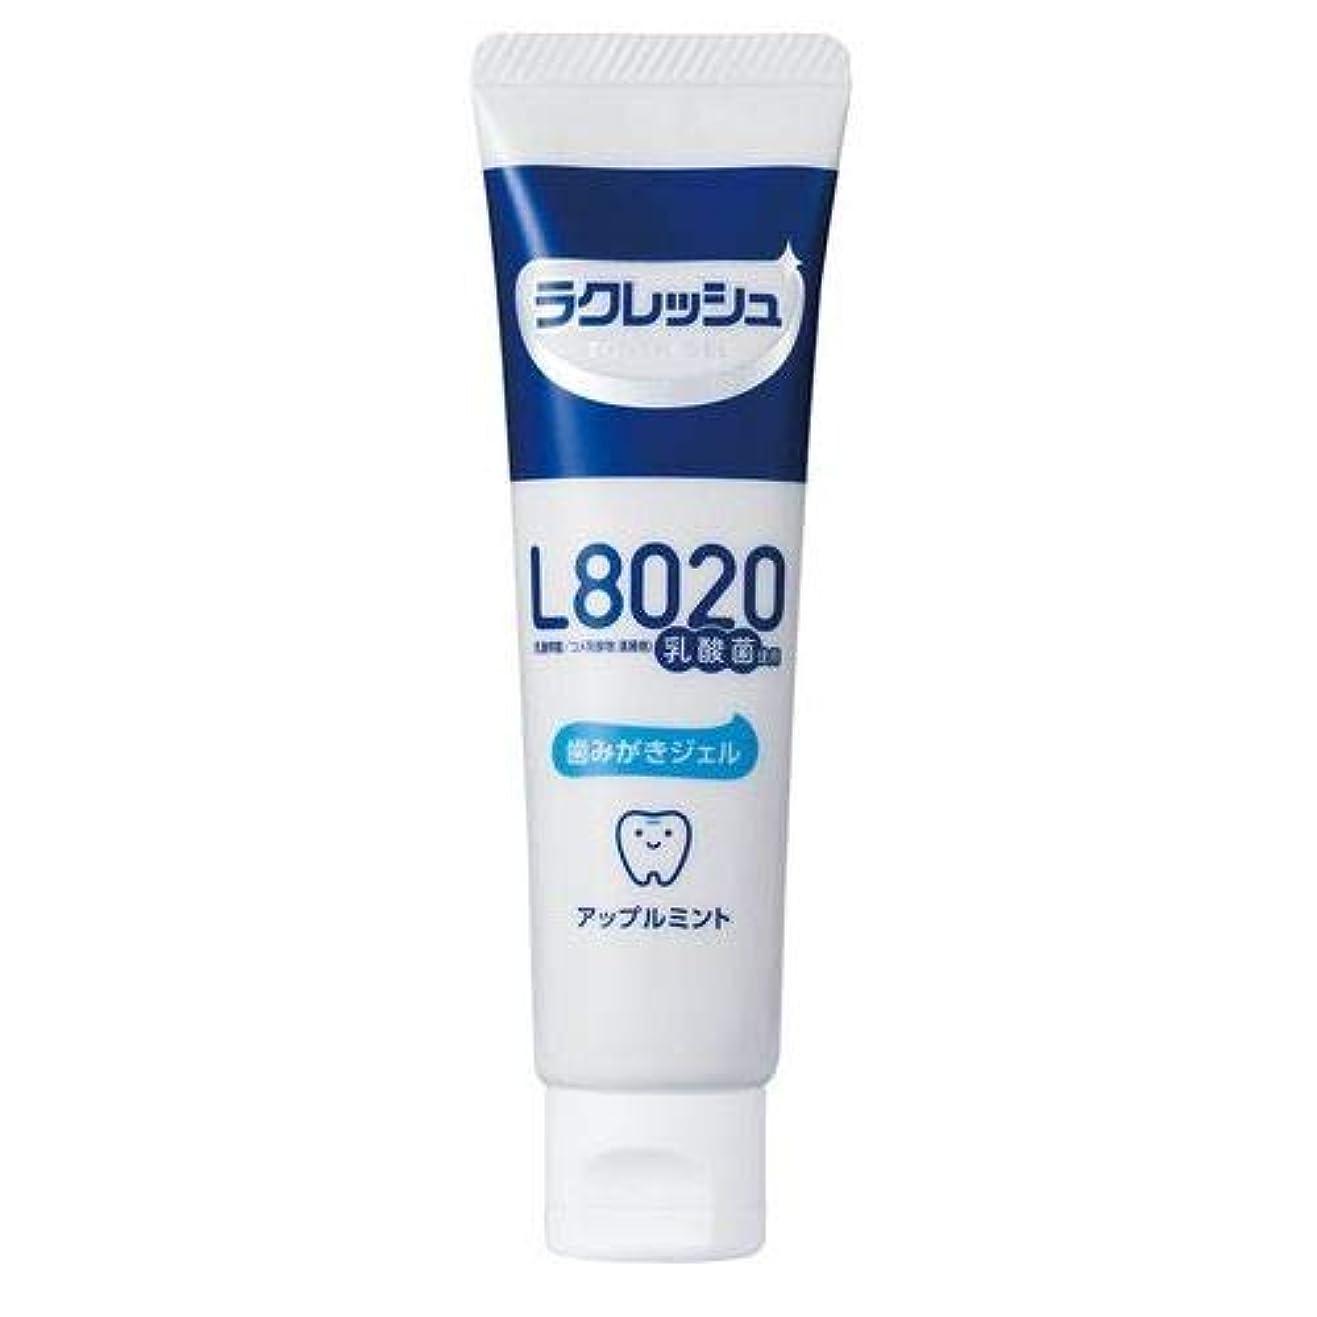 絶縁するに同意する寄付する【50個セット】L8020乳酸菌 ラクレッシュ 歯みがきジェル 994918